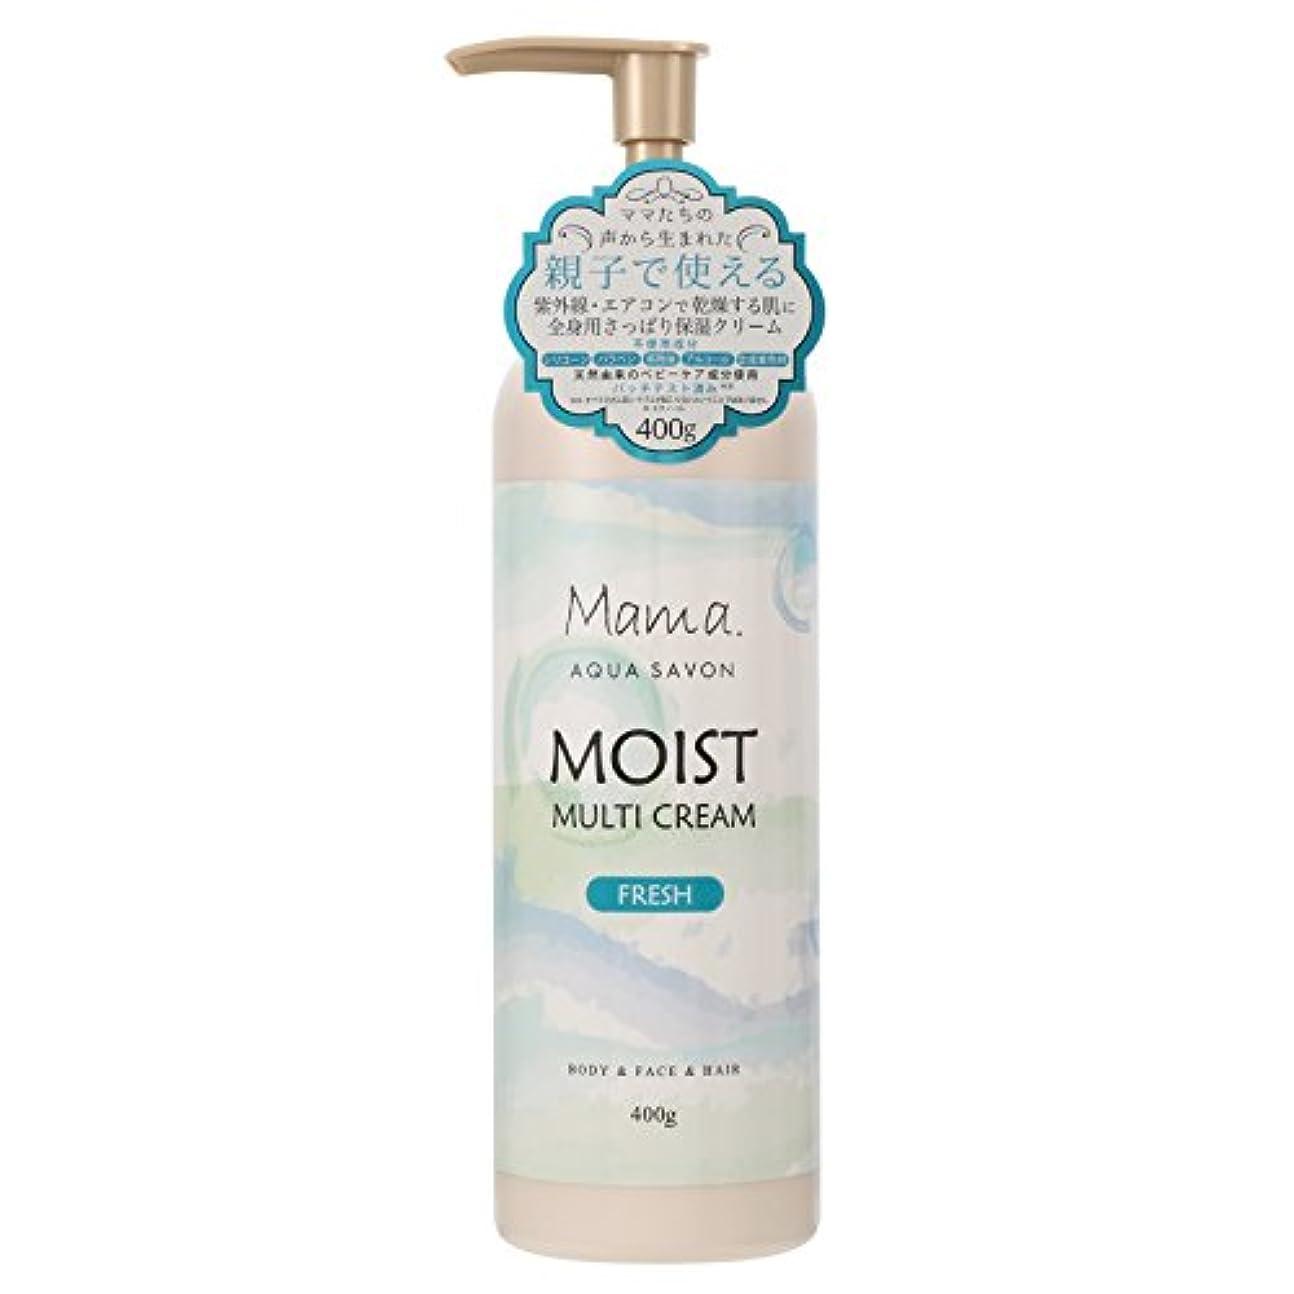 厚さ不明瞭水平ママアクアシャボン モイストマルチクリーム フレッシュ グリーンアロマウォーターの香り 400g